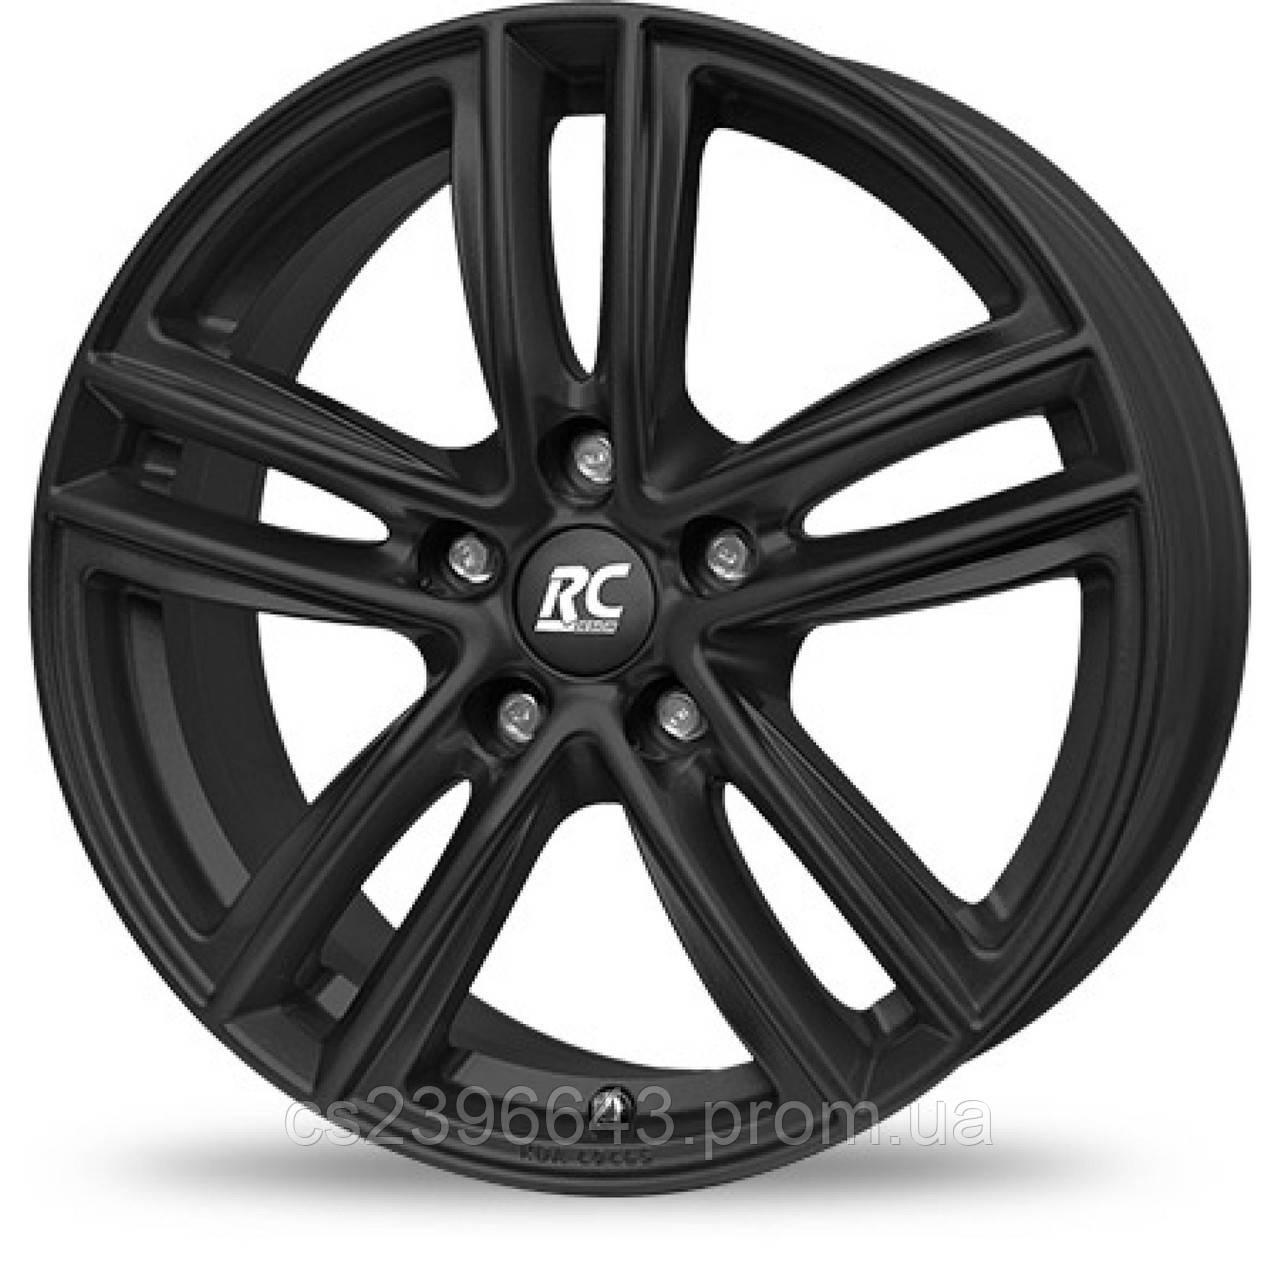 Колесный диск RC Design RC27 17x7,5 ET52,5